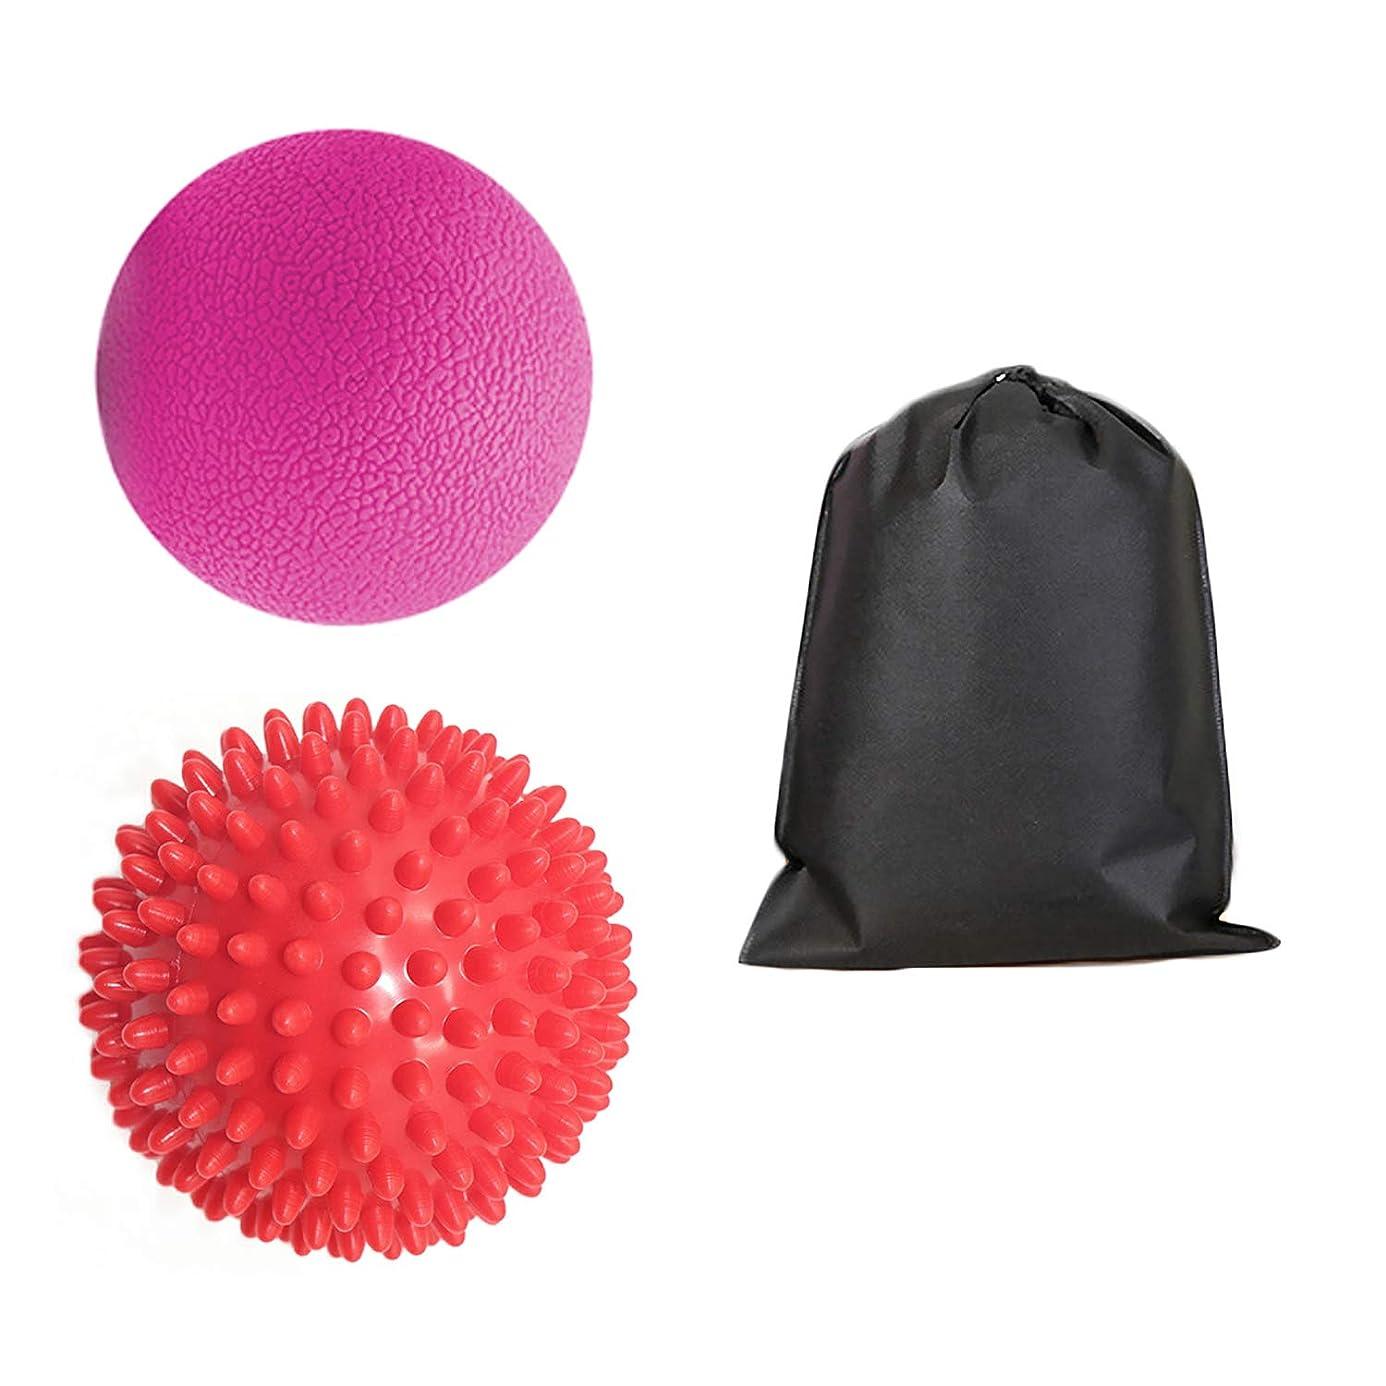 付与こどもセンター懲らしめMigavan 1個マッサージボールマッサージボールローラーマッサージボール+ 1袋スパイクマッサージローラーボールマッサージと収納バッグ